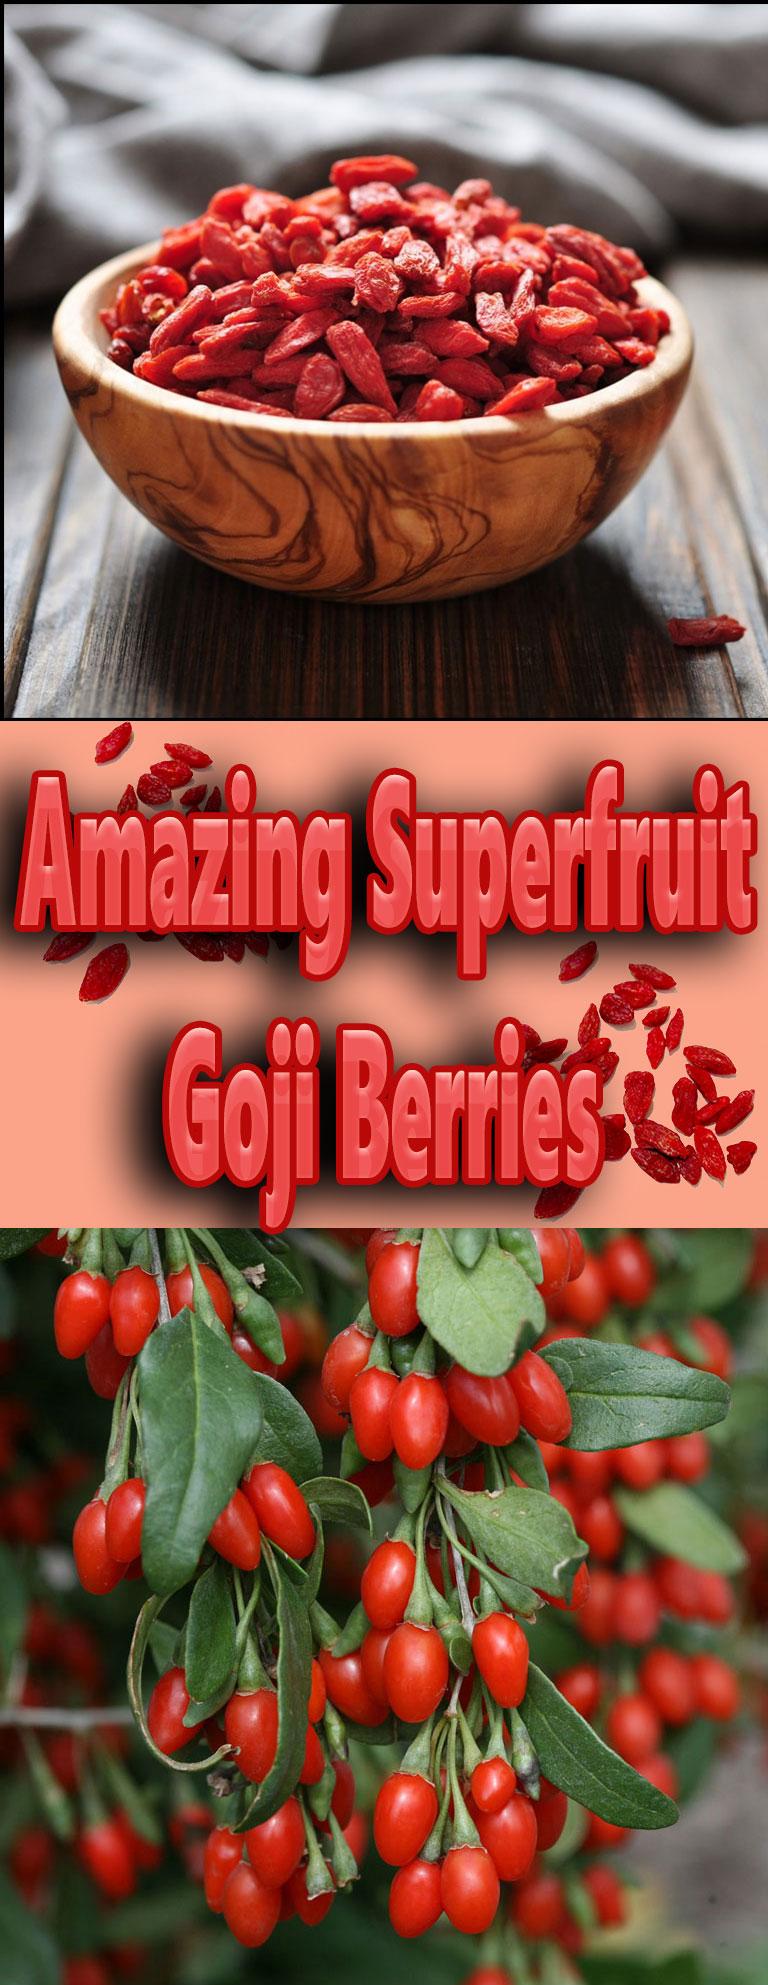 Amazing Superfruit - Goji Berries